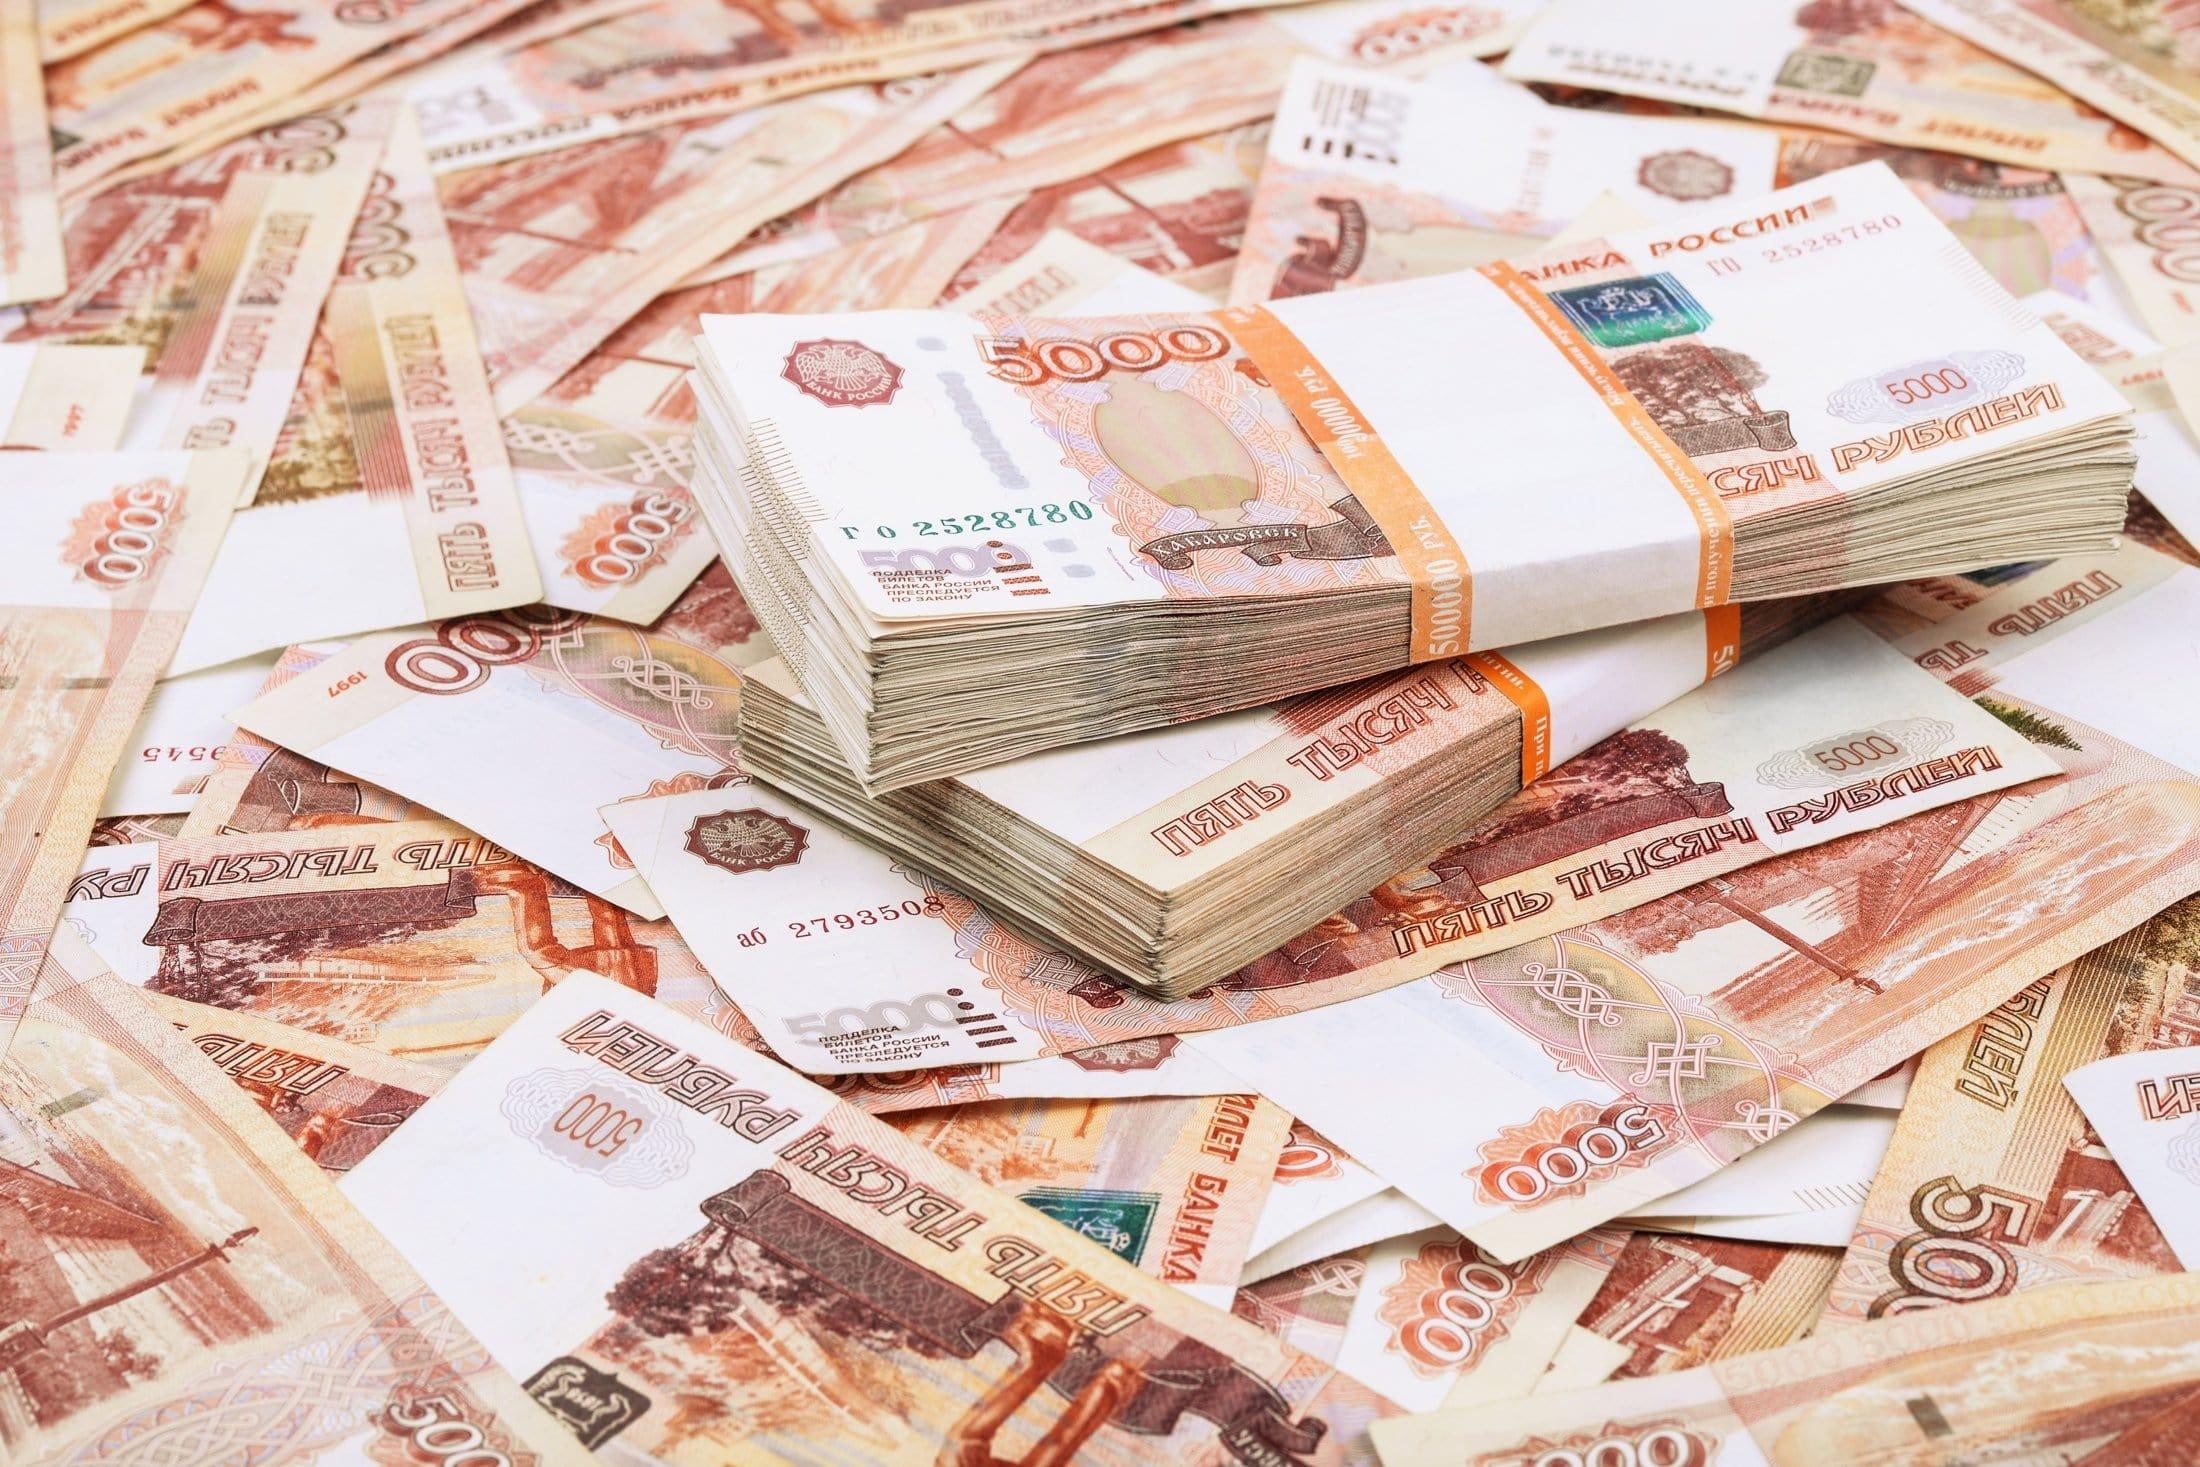 Нашелся лотерейный мультимиллионер из Твери, выигравший больше 334 миллионов рублей